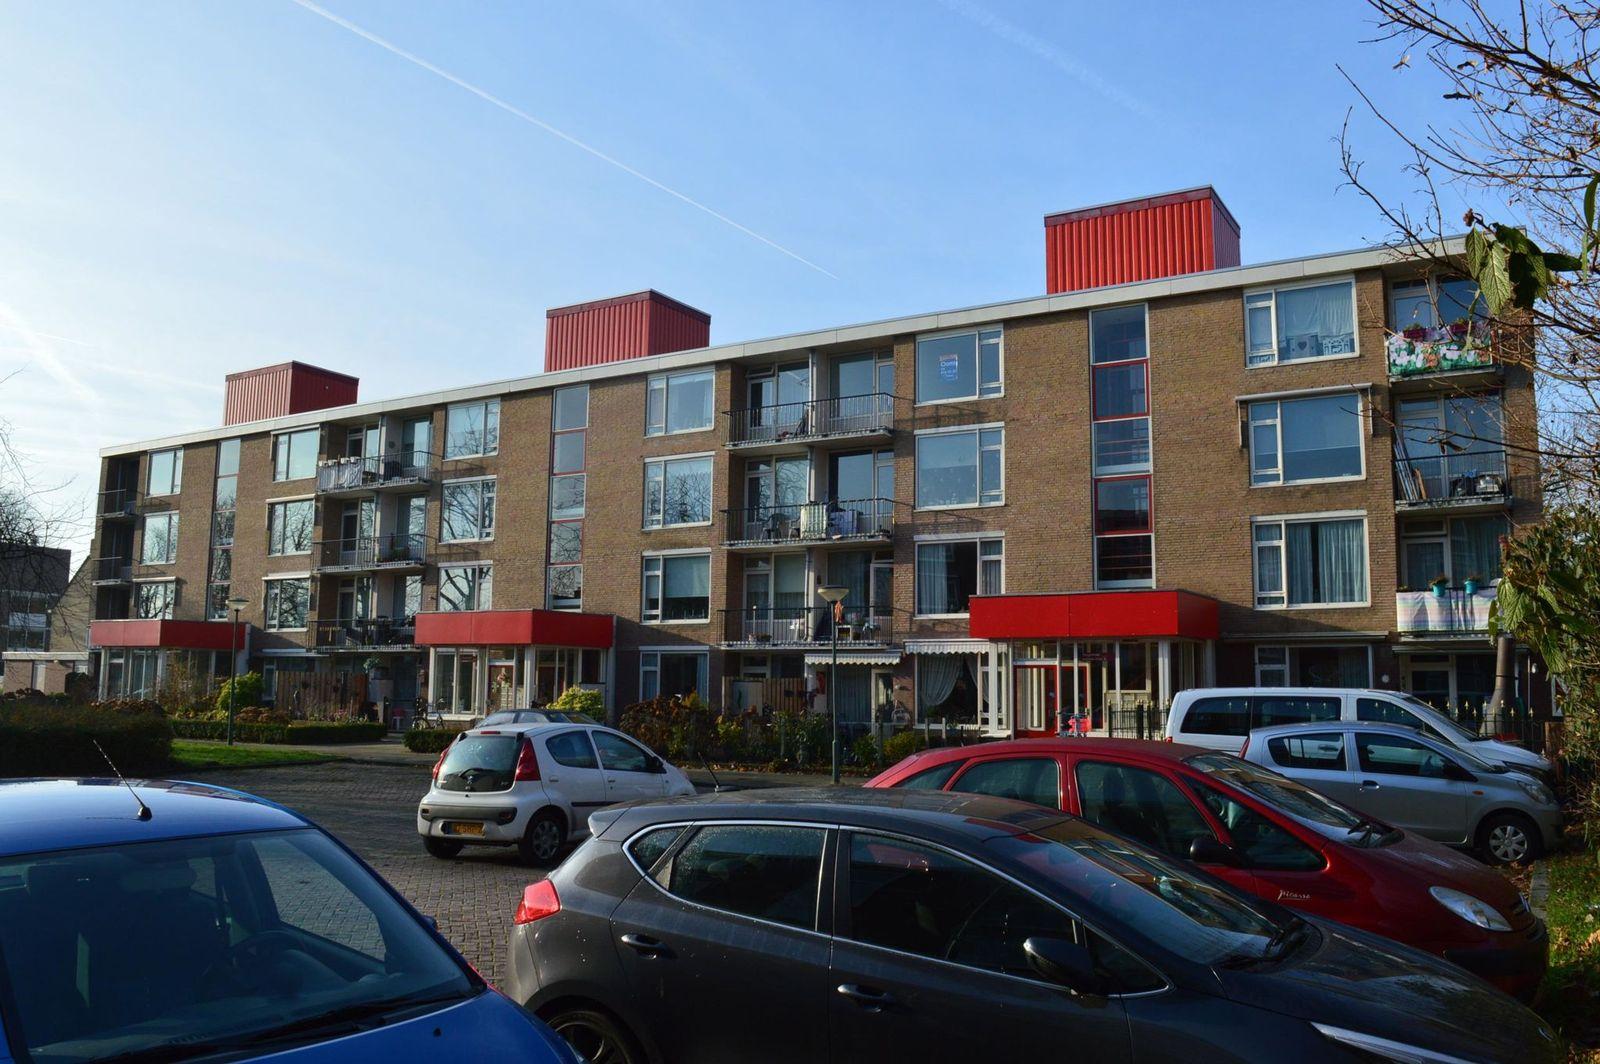 Tjongerstraat, Dordrecht